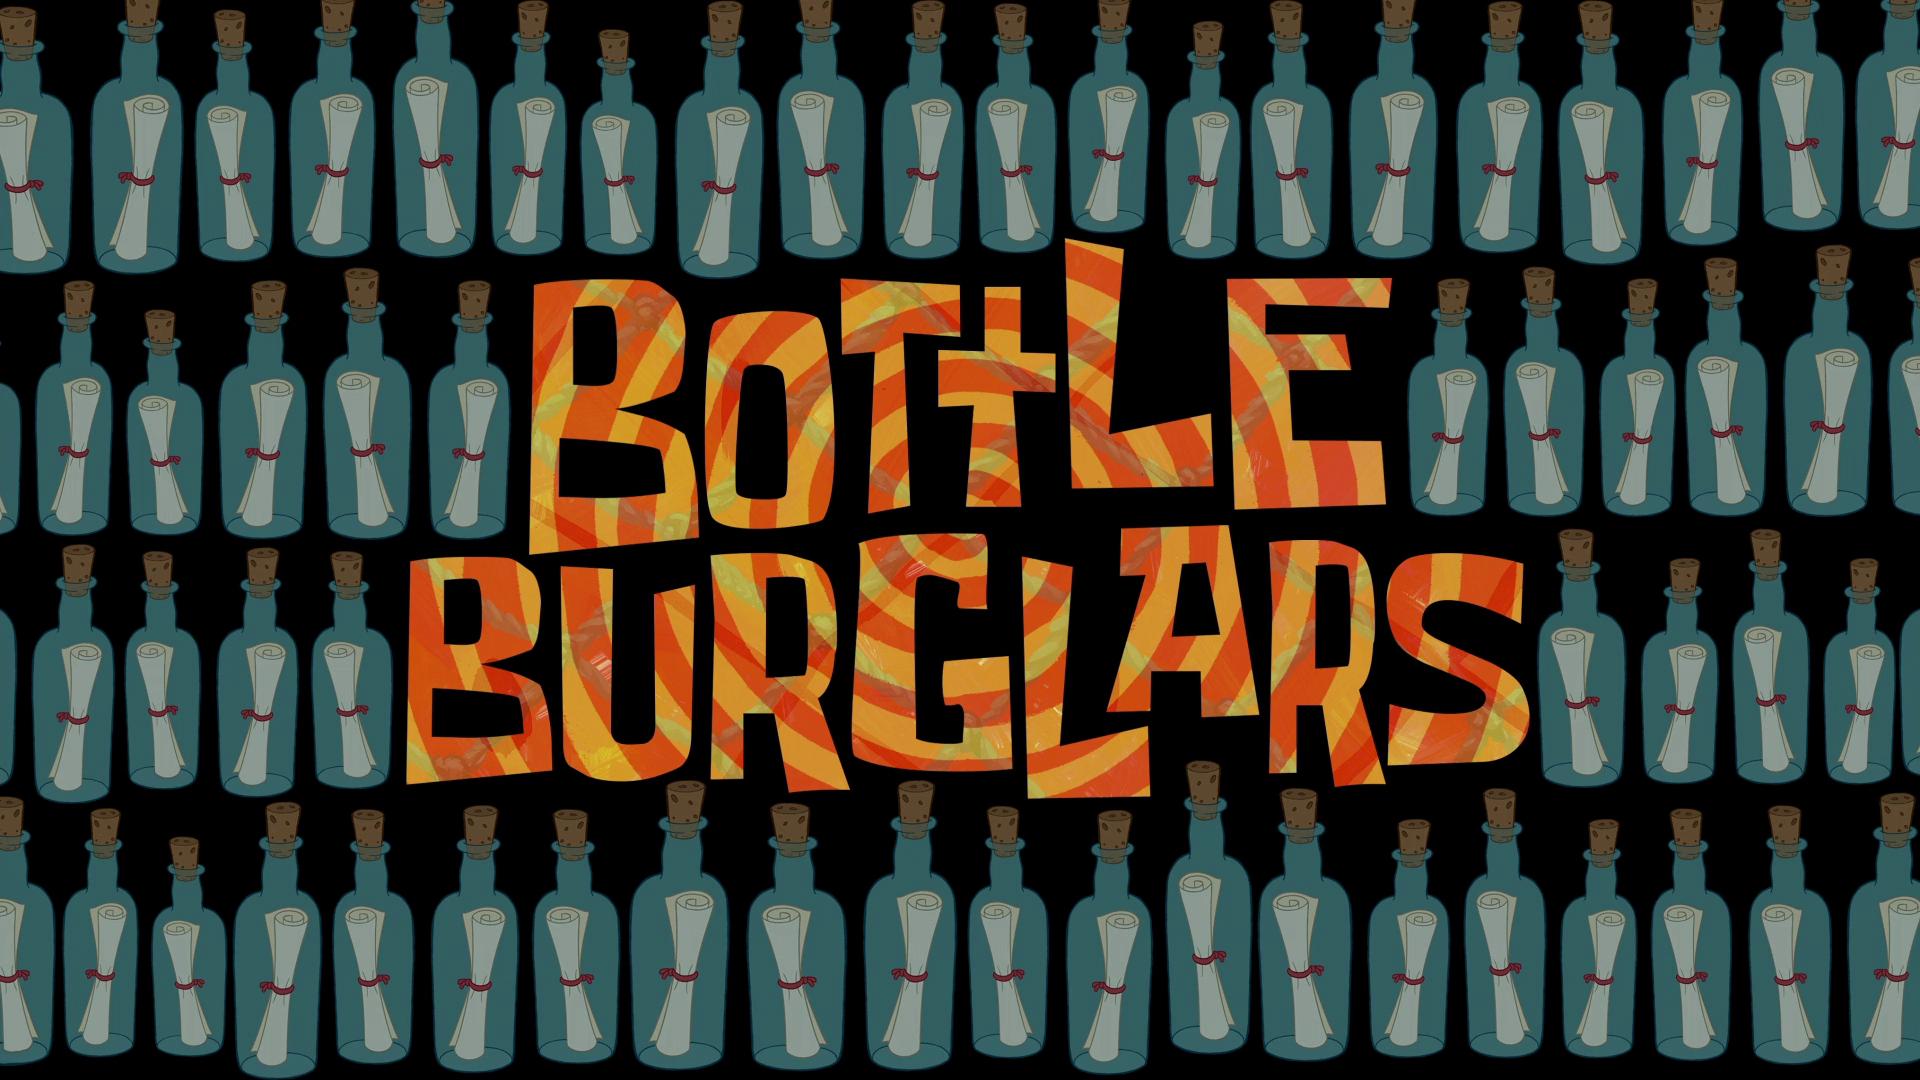 Bottle Burglars/transcript